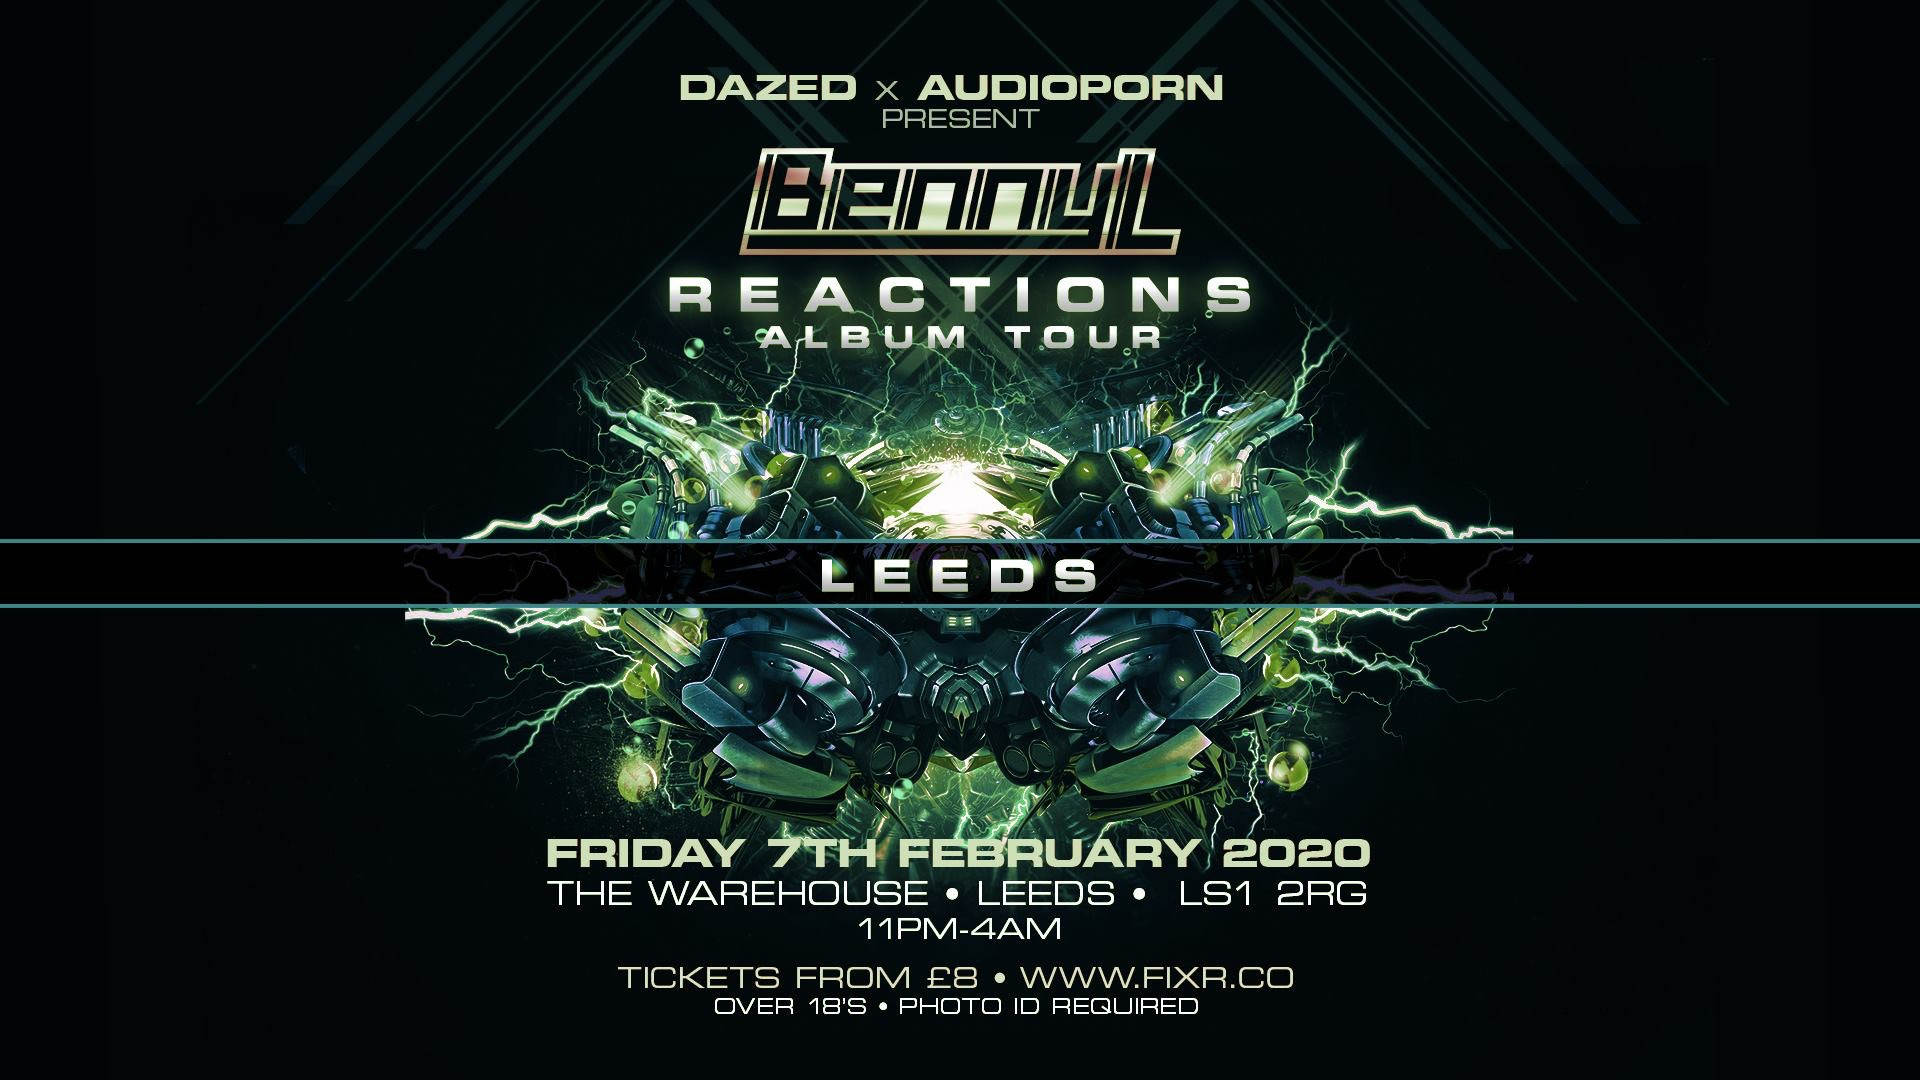 Benny L – Reactions Album Tour – The Warehouse Leeds